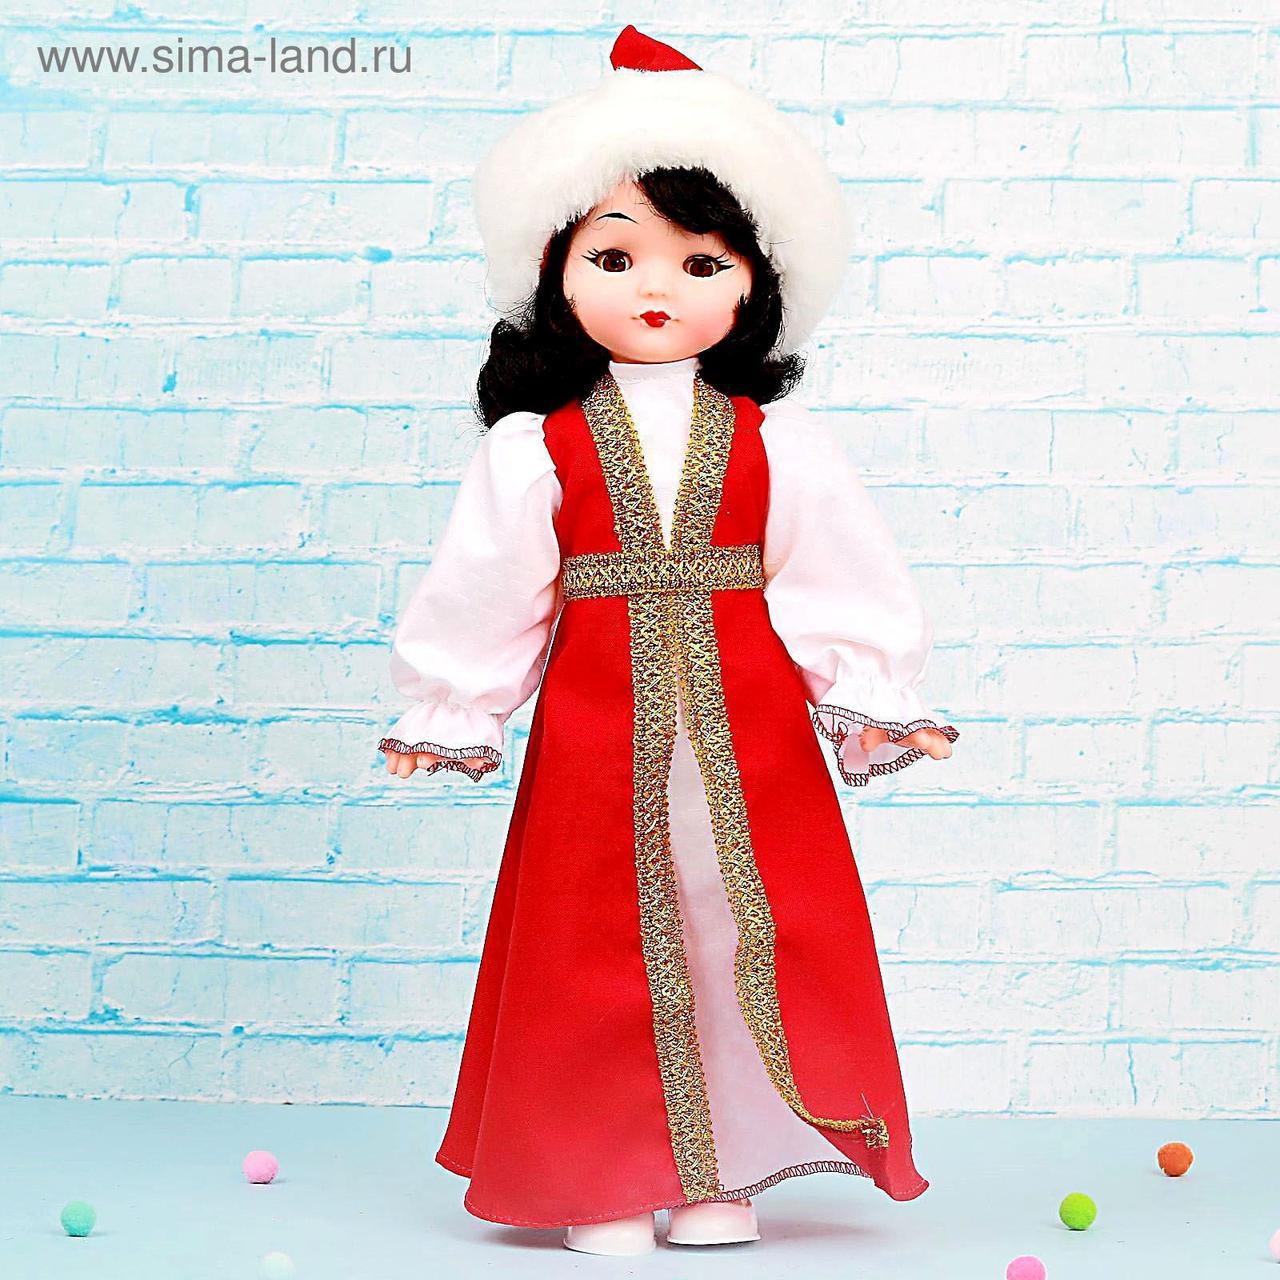 Кукла «Казашка», 45 см, цвета МИКС - фото 2